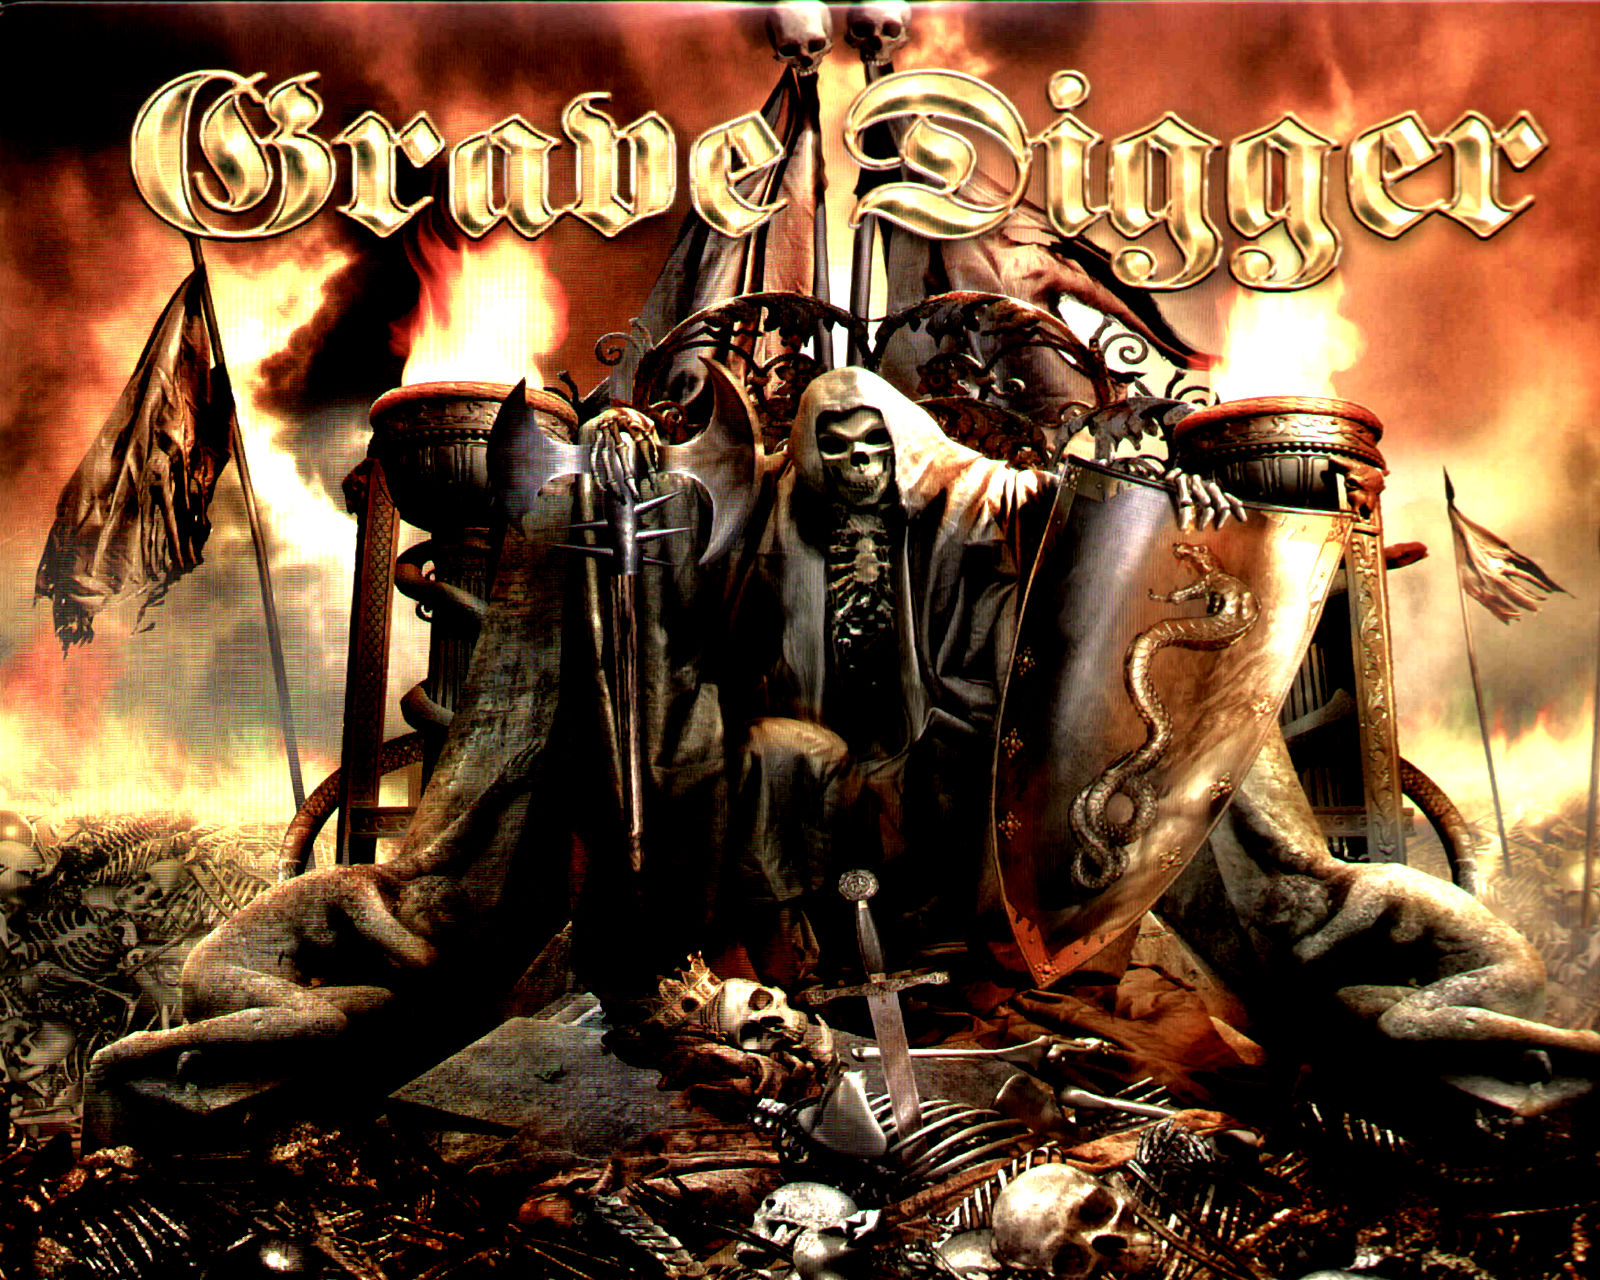 grave digger band wallpaper